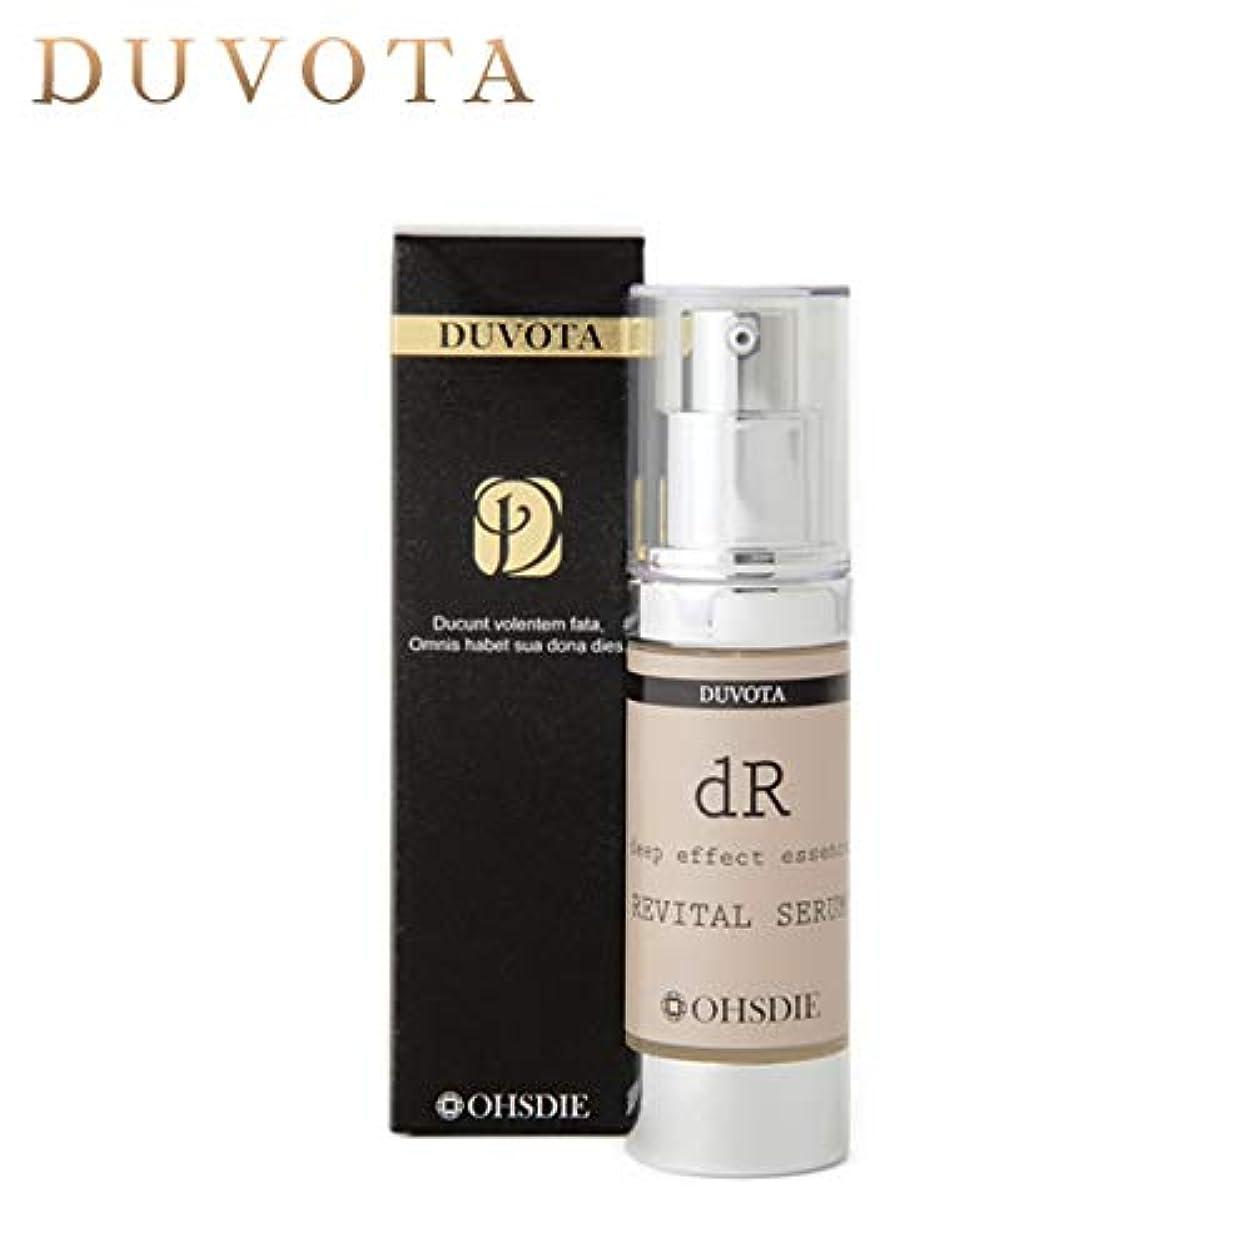 討論綺麗なヒットEGF 幹細胞 美容液 DUVOTA(ドゥボータ)ディープエフェクトエッセンスDリバイタルセラム 30ml / 馬プラセンタ ナールスゲン エレクトロポーション導入 エクラフレーズ 美顔器 リフトアップ 敏感肌 おすすめ